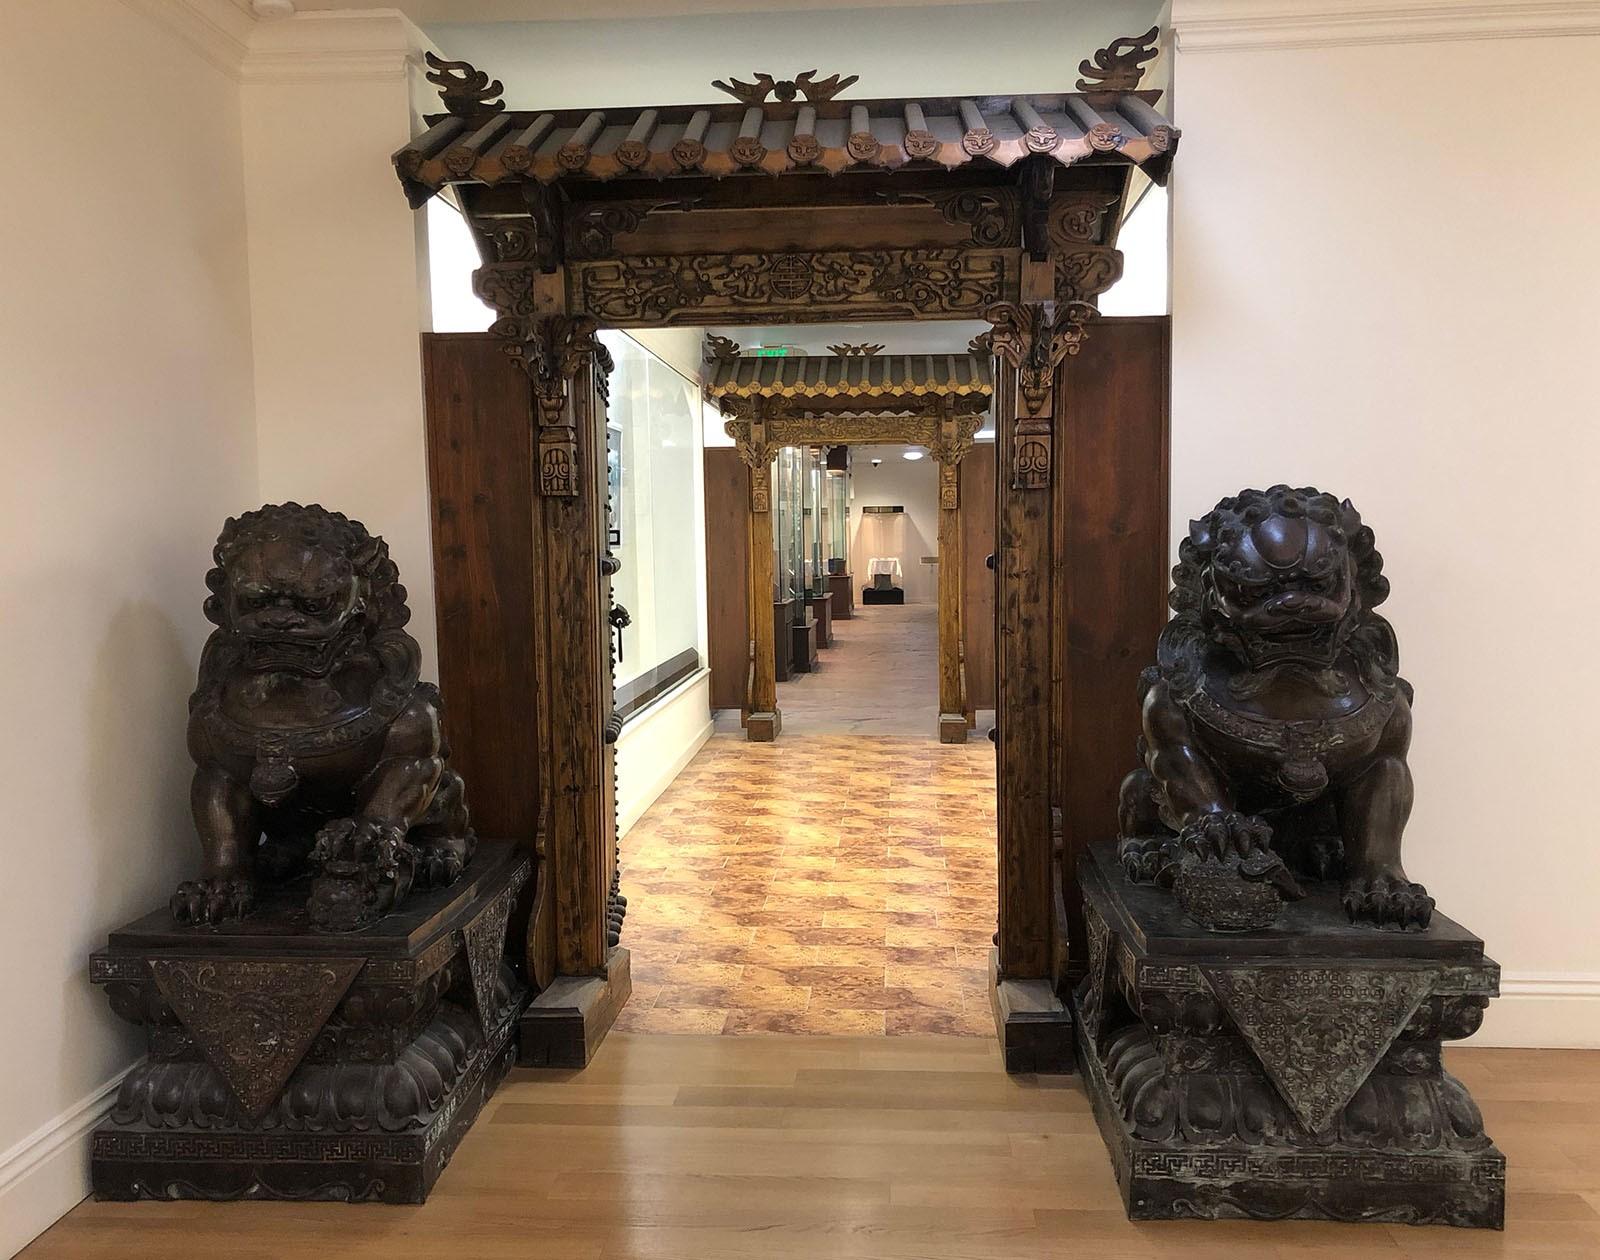 國際藝術館的室內設計有濃厚的東方文化氣息